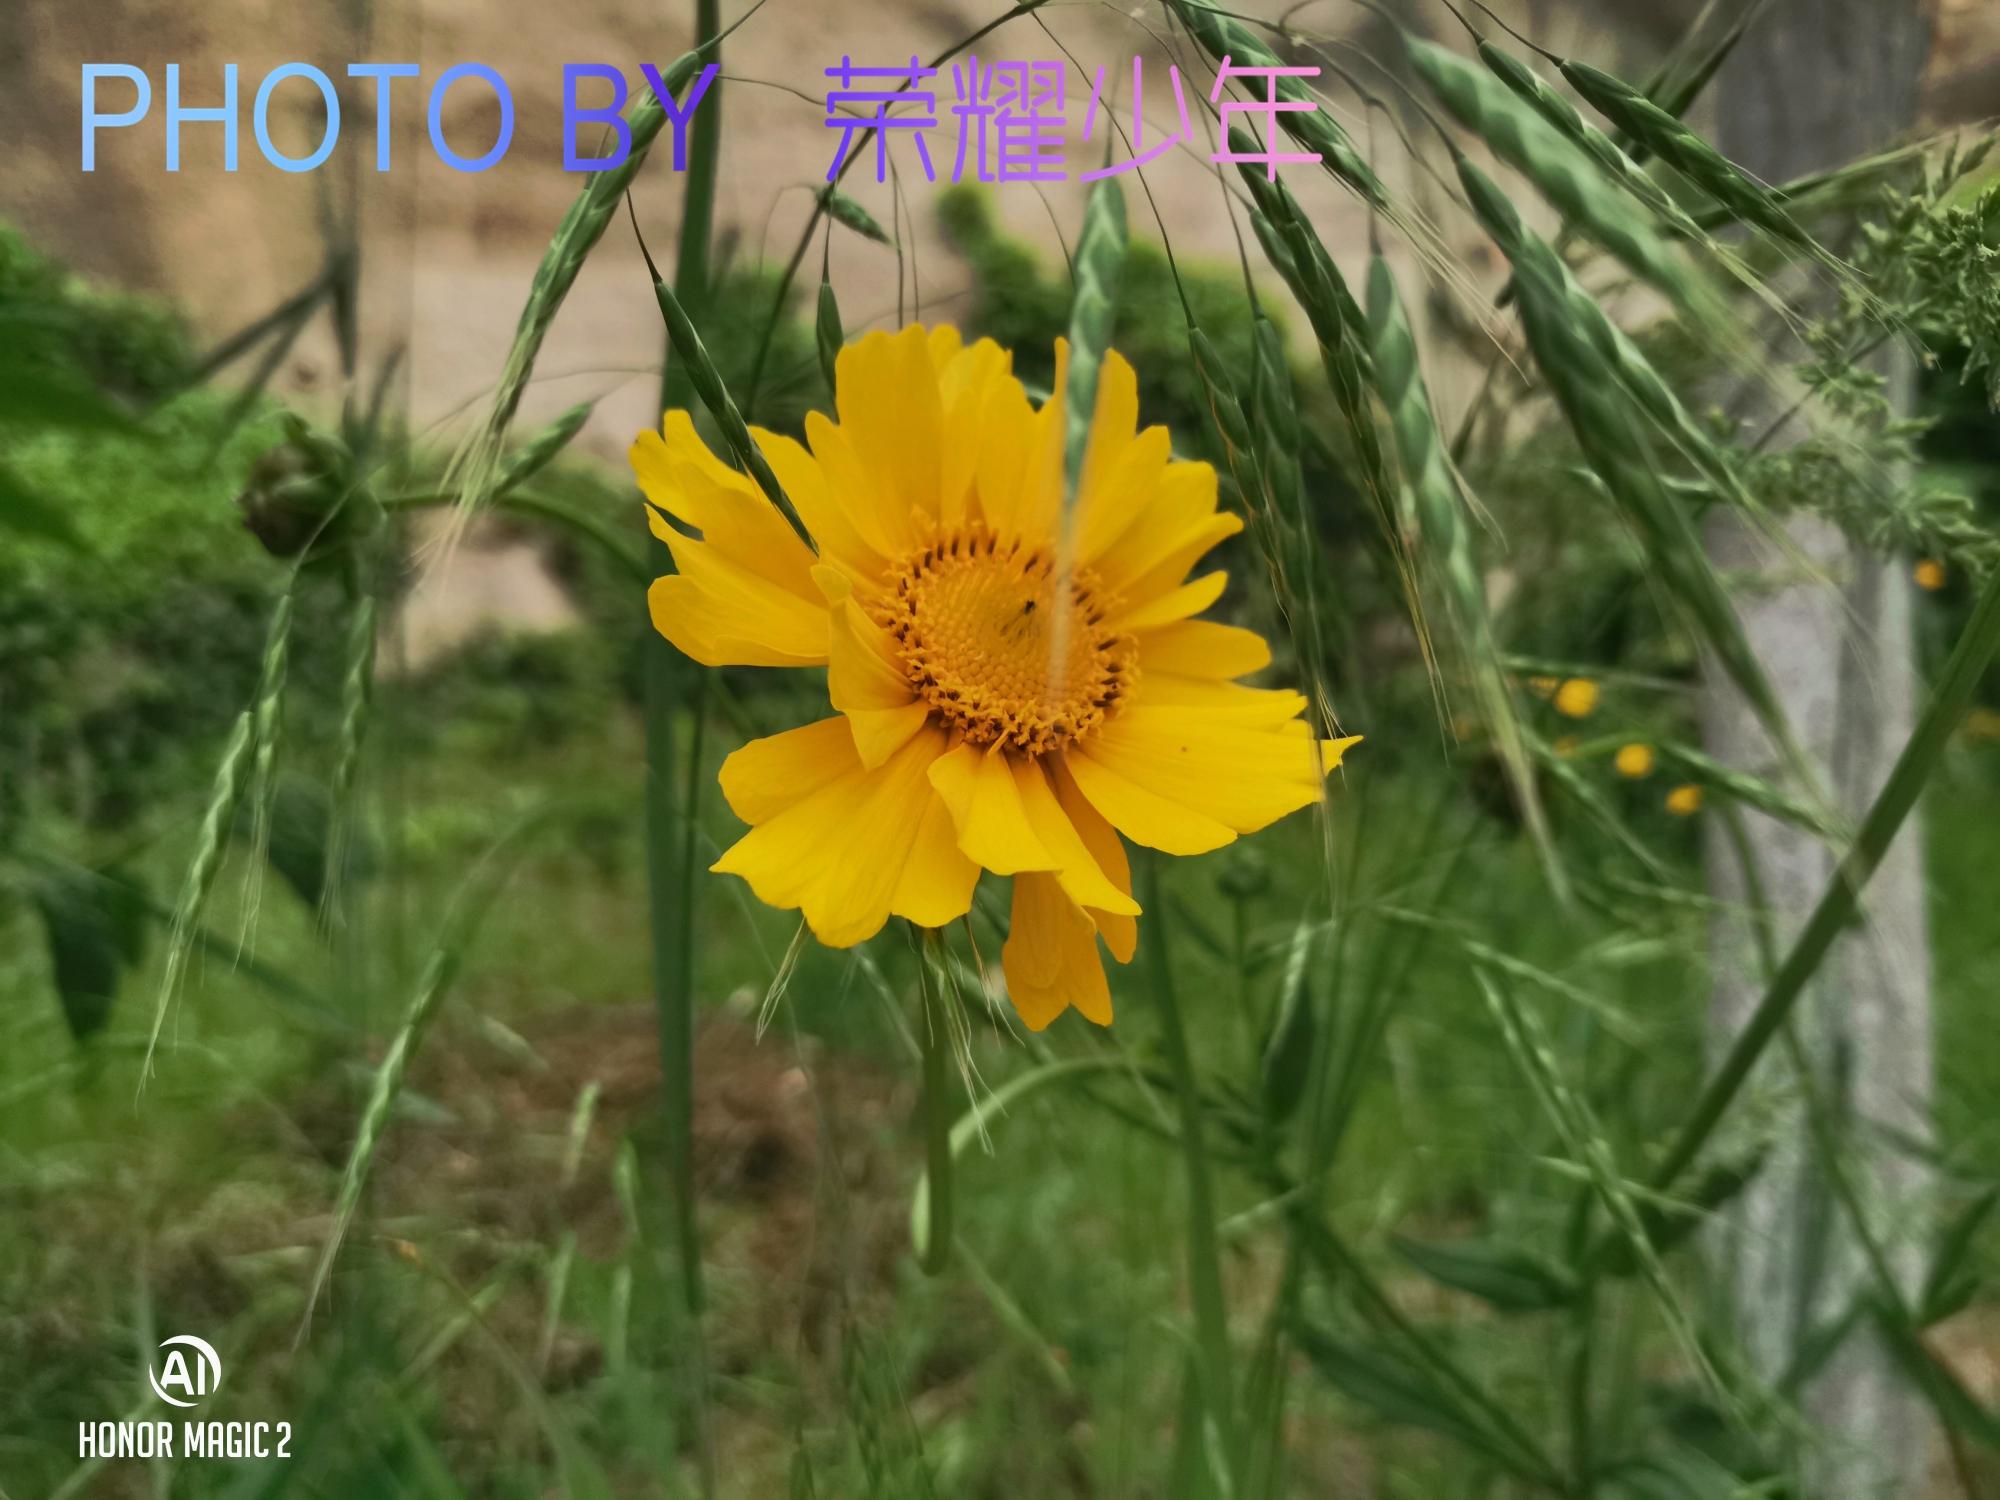 新建文件夹 (2)IMG_20190524_173017.jpg